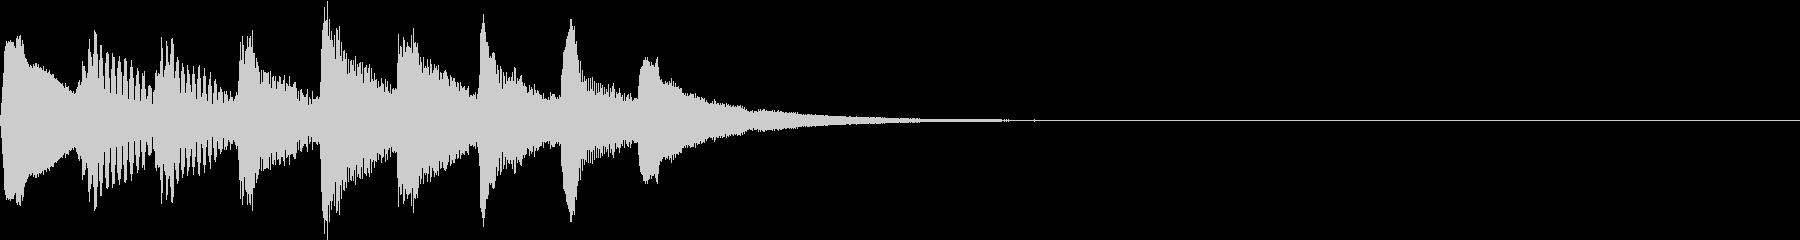 理科 化学 実験 変化 不思議 20の未再生の波形